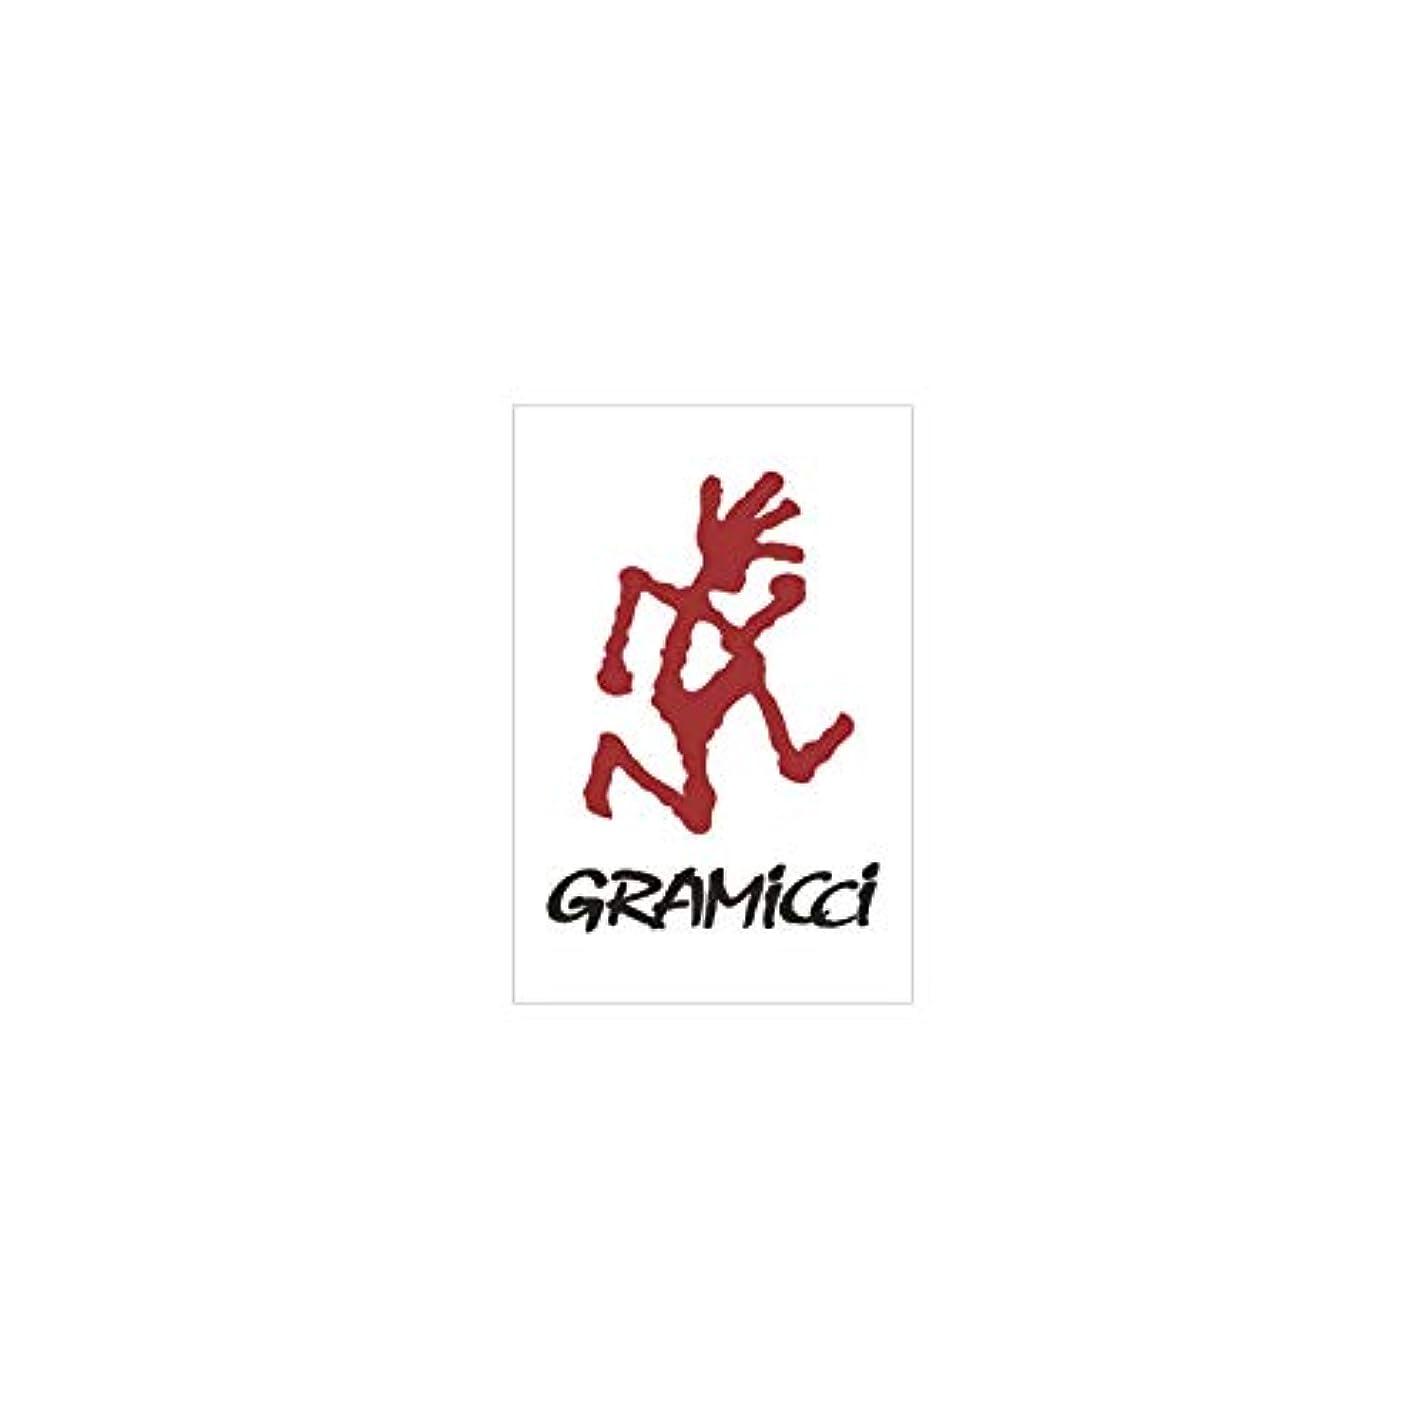 スキャン迅速バーゲングラミチ(グラミチ) グラミチステッカー1 GAC-003-LOGO-A